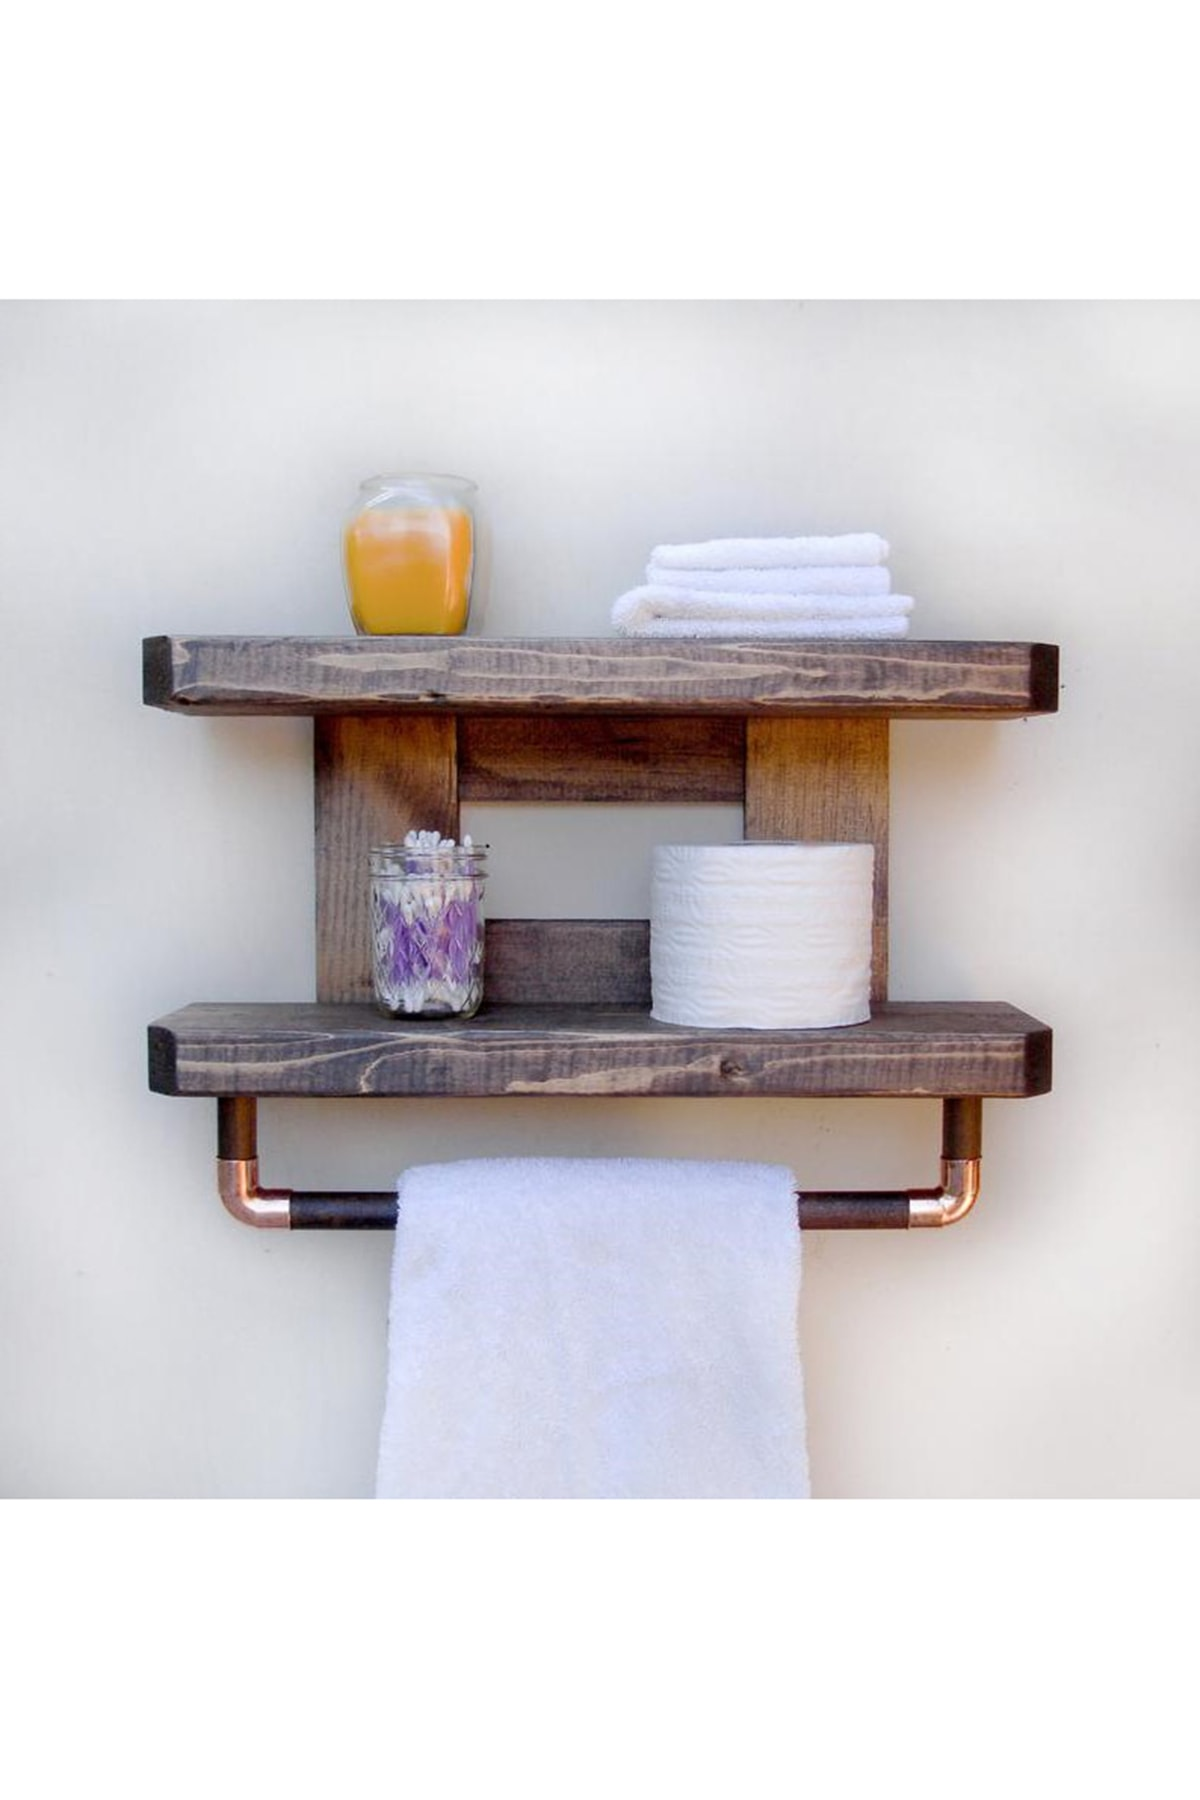 WOODENSA Ahşap Banyo Rafı  Rustic Banyo Düzenleyici 0